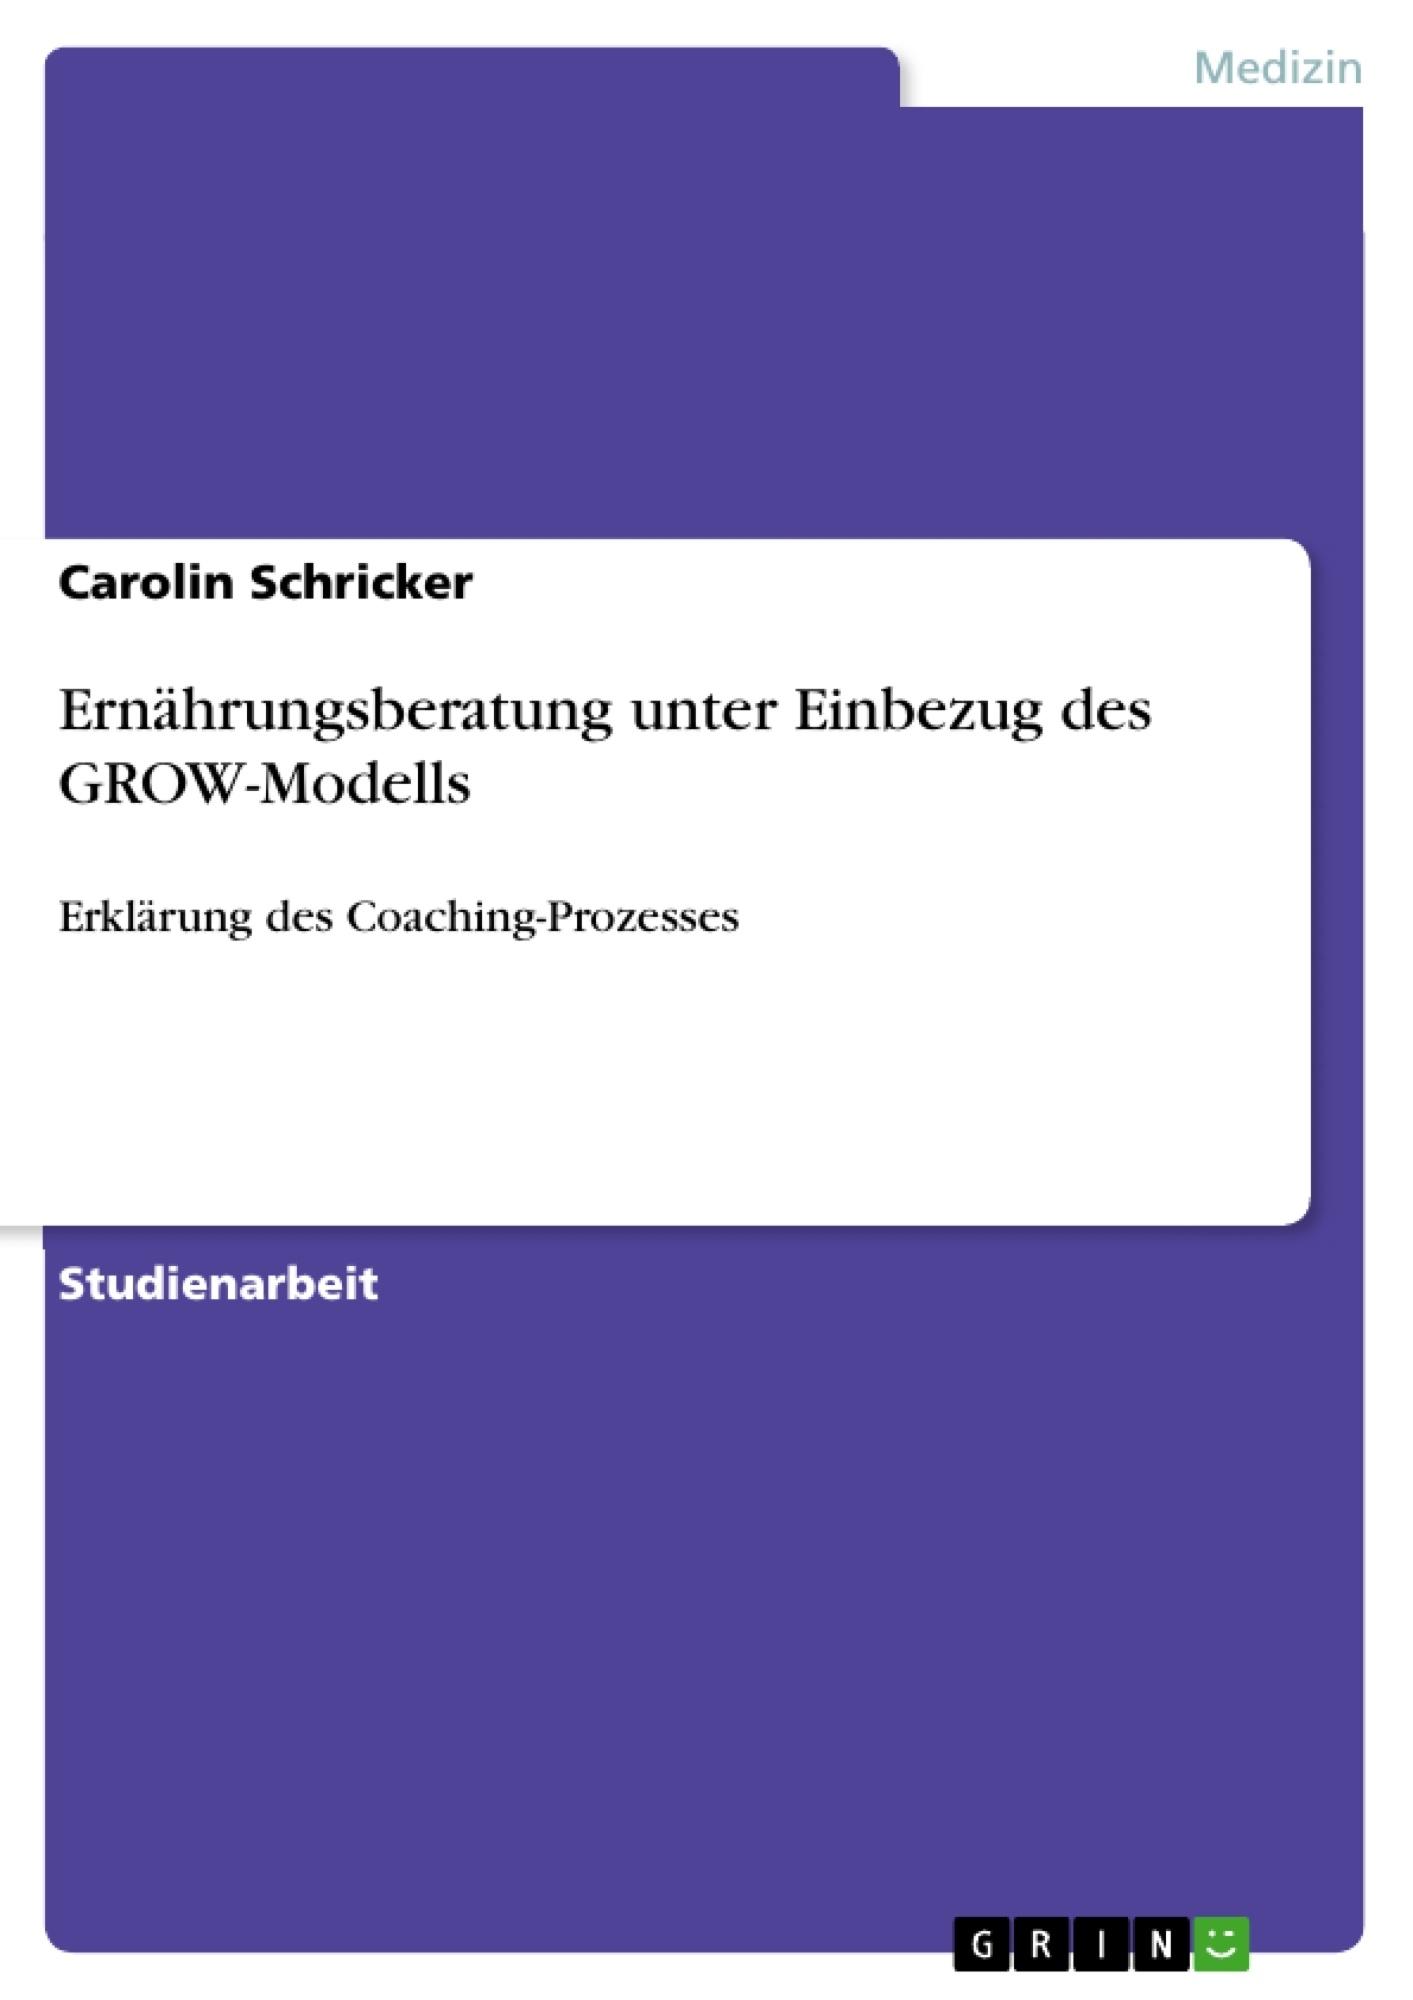 Titel: Ernährungsberatung unter Einbezug des GROW-Modells